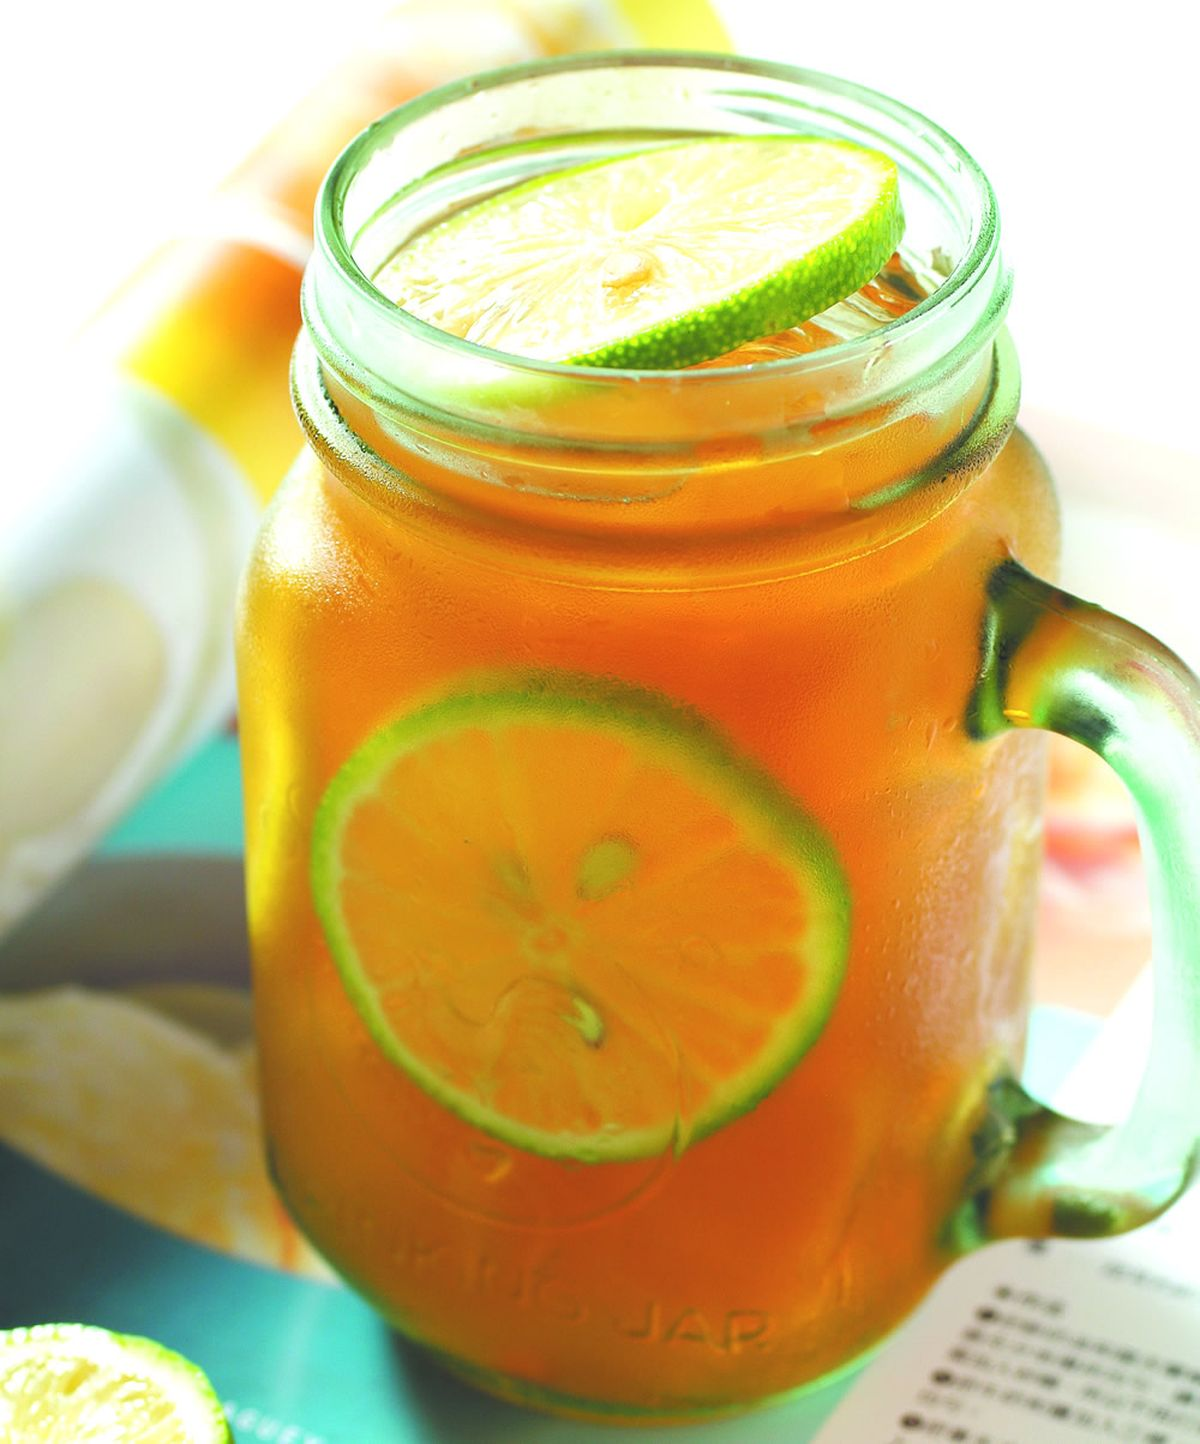 食譜:蜂蜜檸檬紅茶